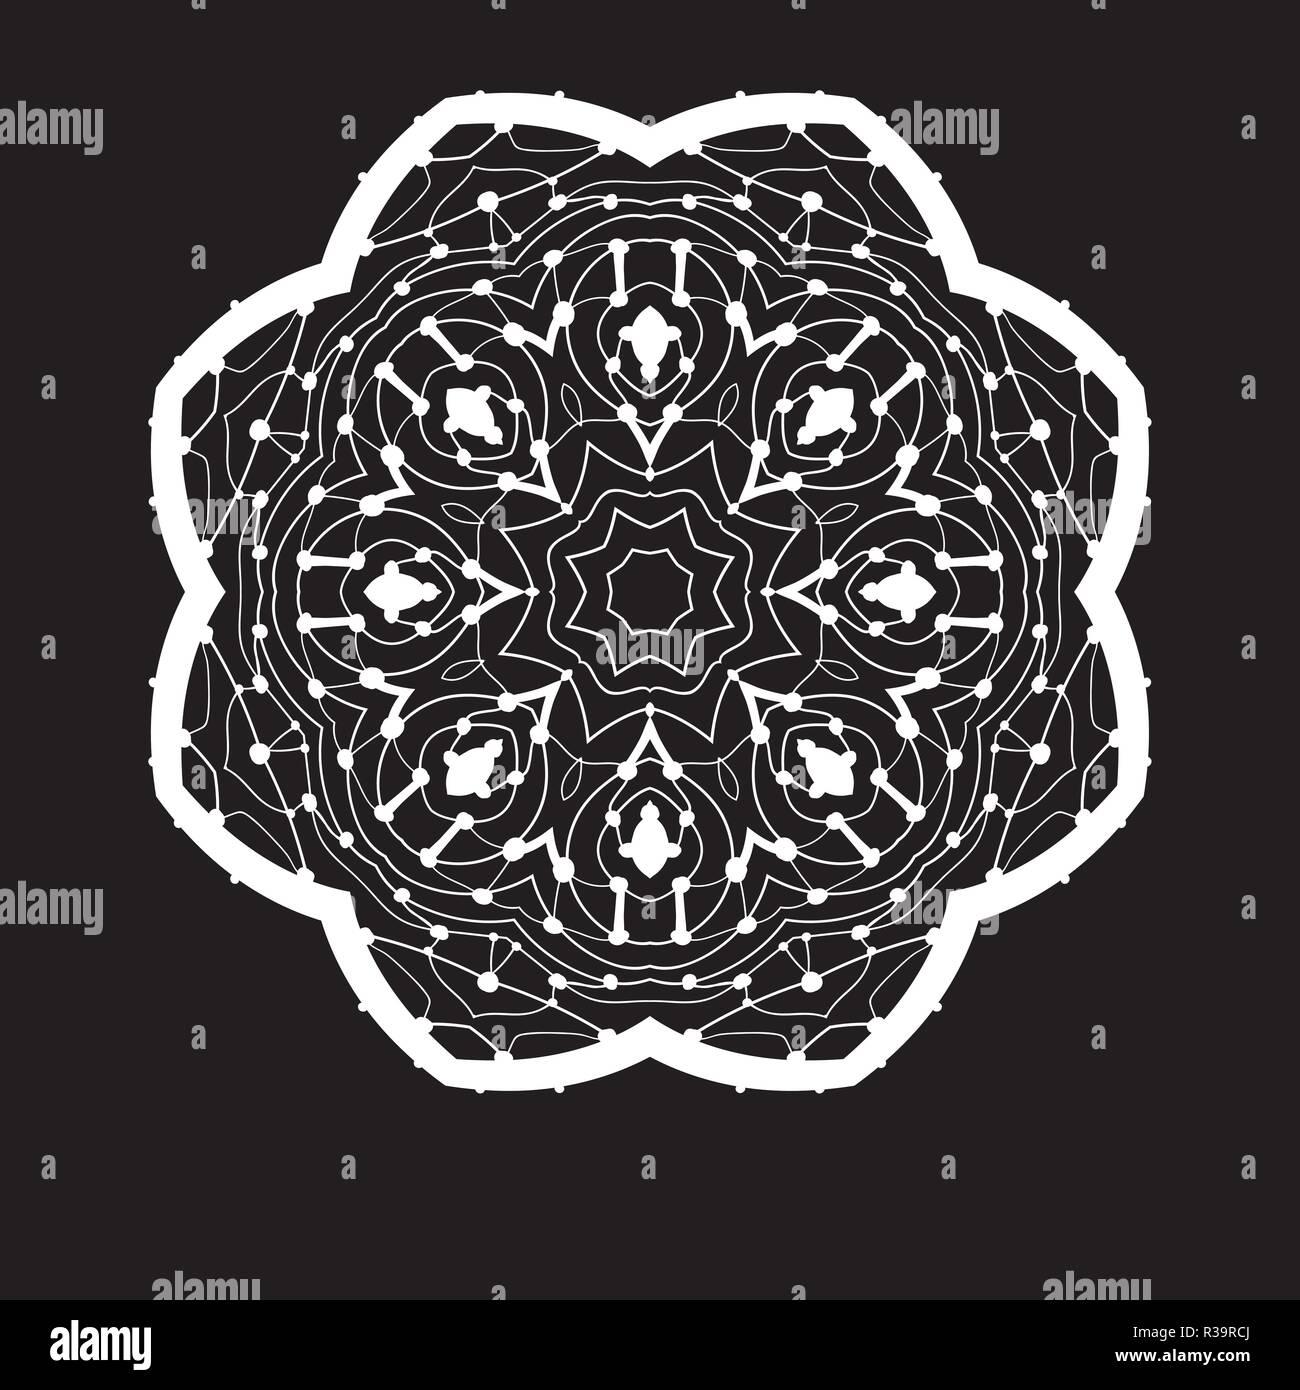 Mandala Simmetrica Doodle Disegno A Mano Zentangle Stile